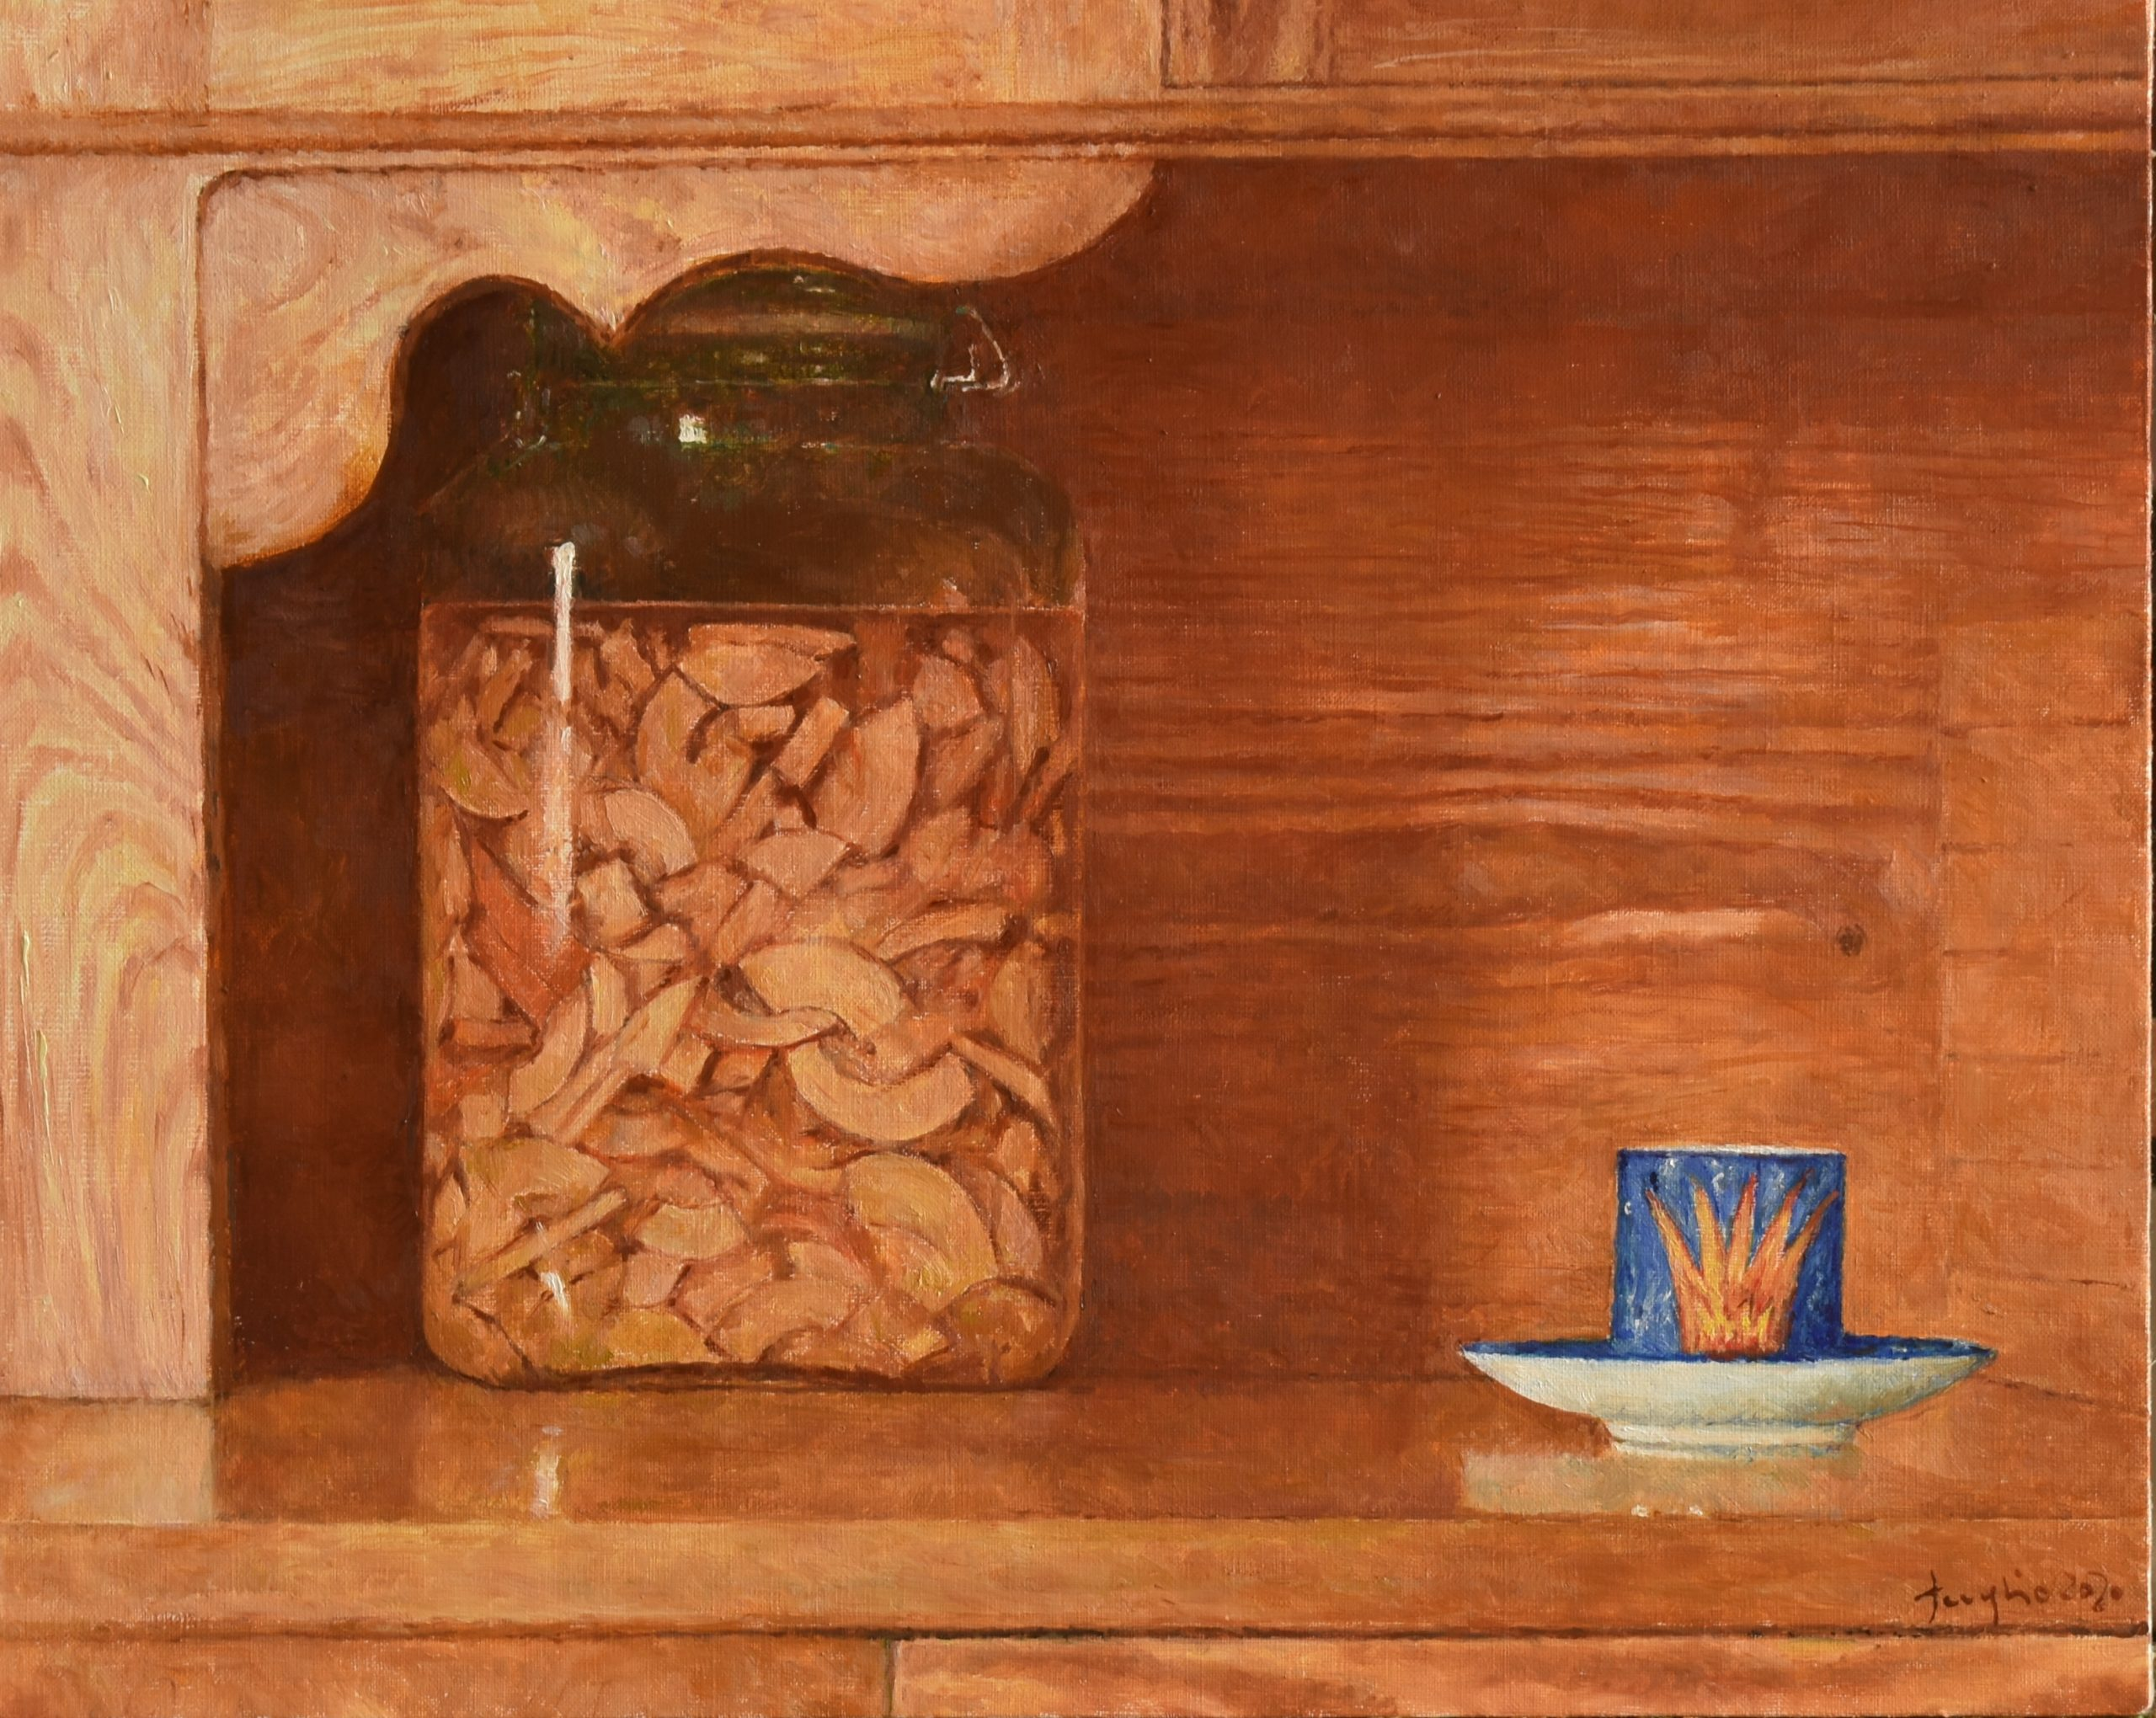 Kuchenny obraz, 2020, olej na płótnie, 40x50